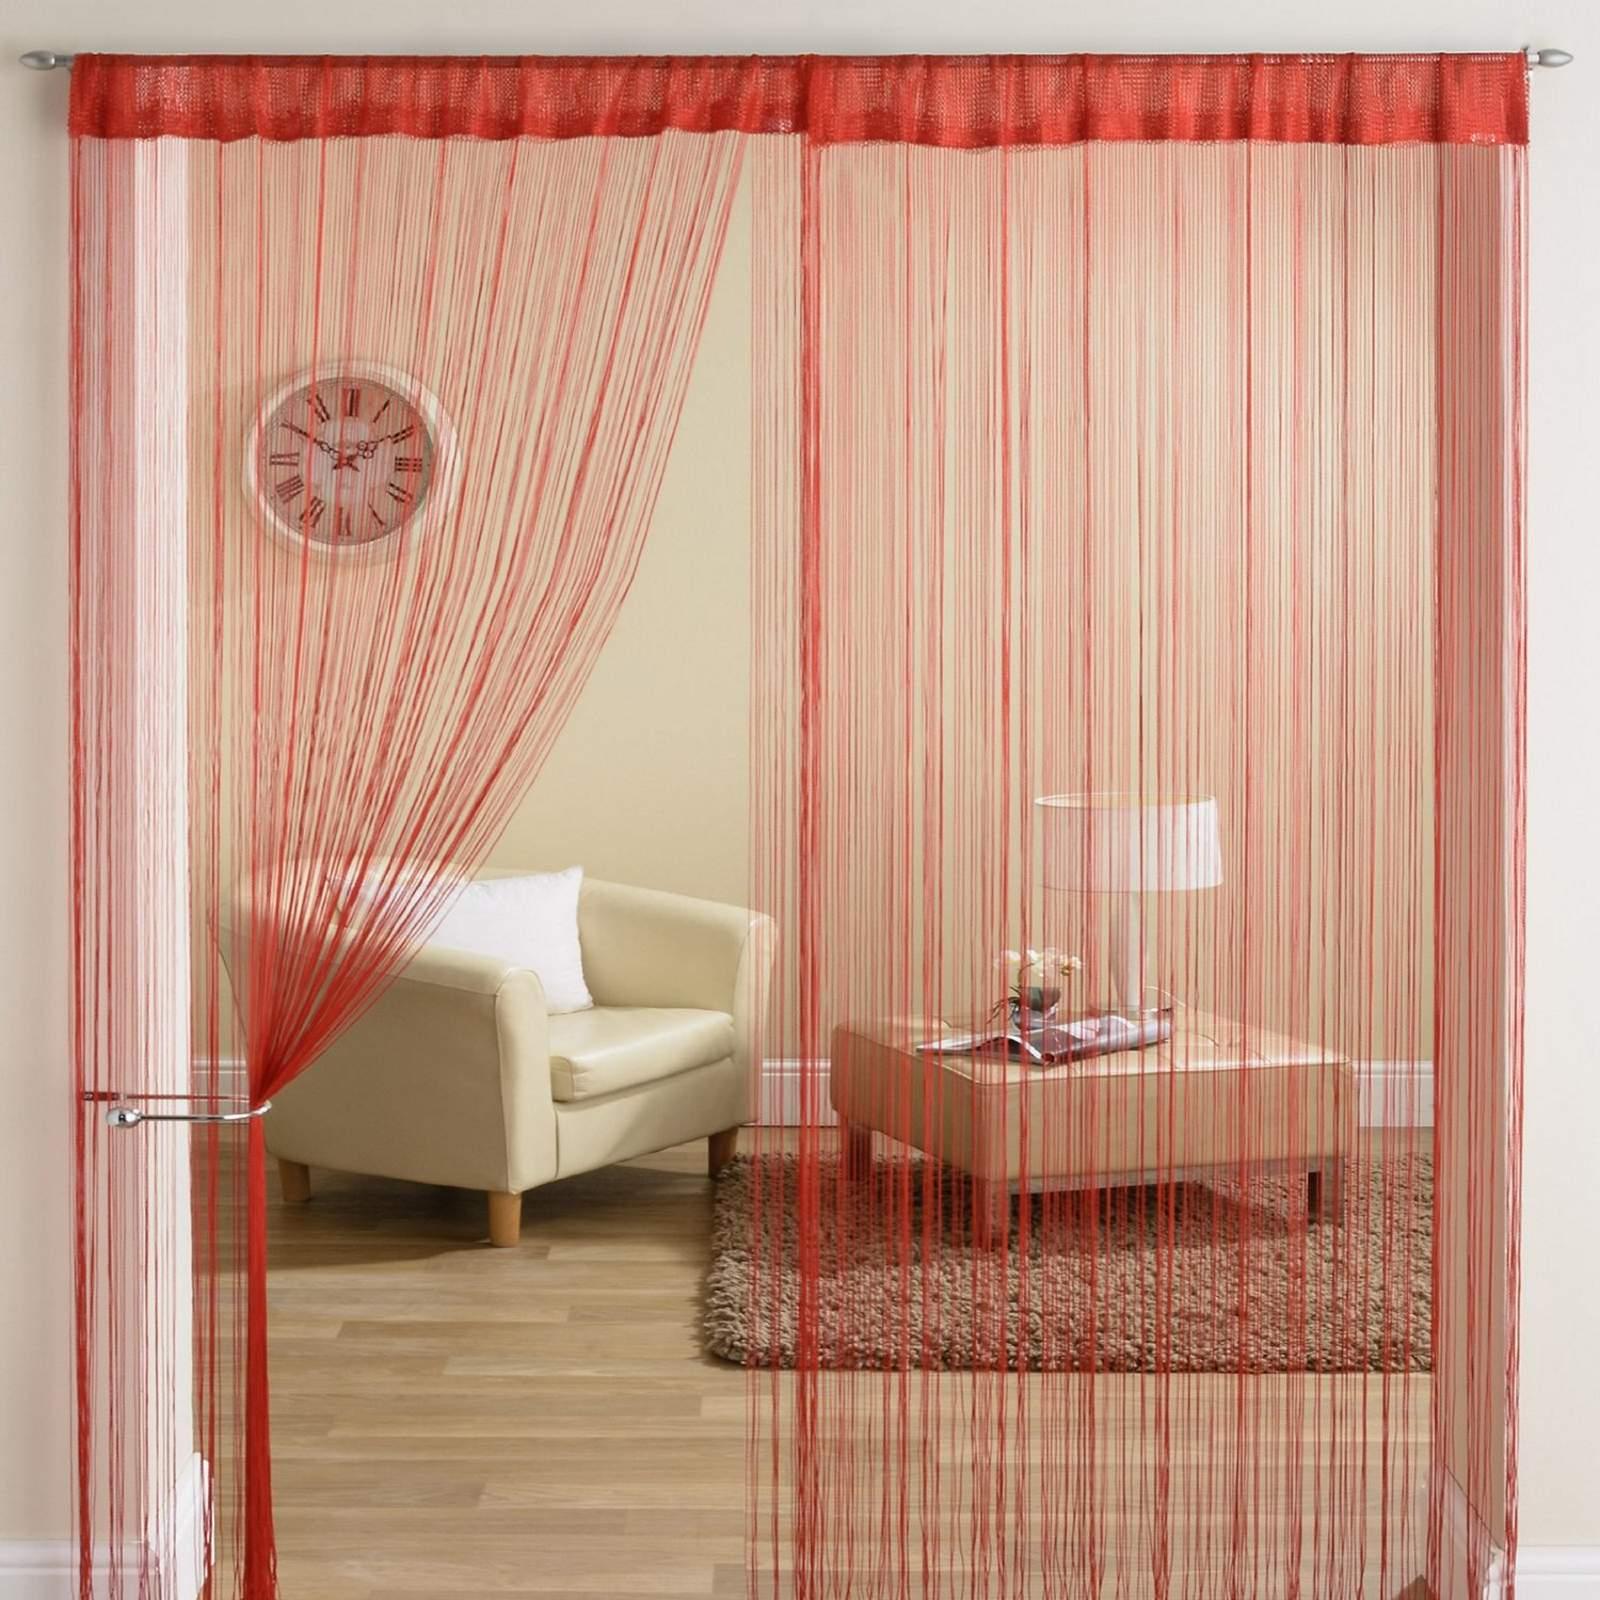 classique fil frange panneau diviseur fen tre rideau de porte 90x200cm rouge ebay. Black Bedroom Furniture Sets. Home Design Ideas